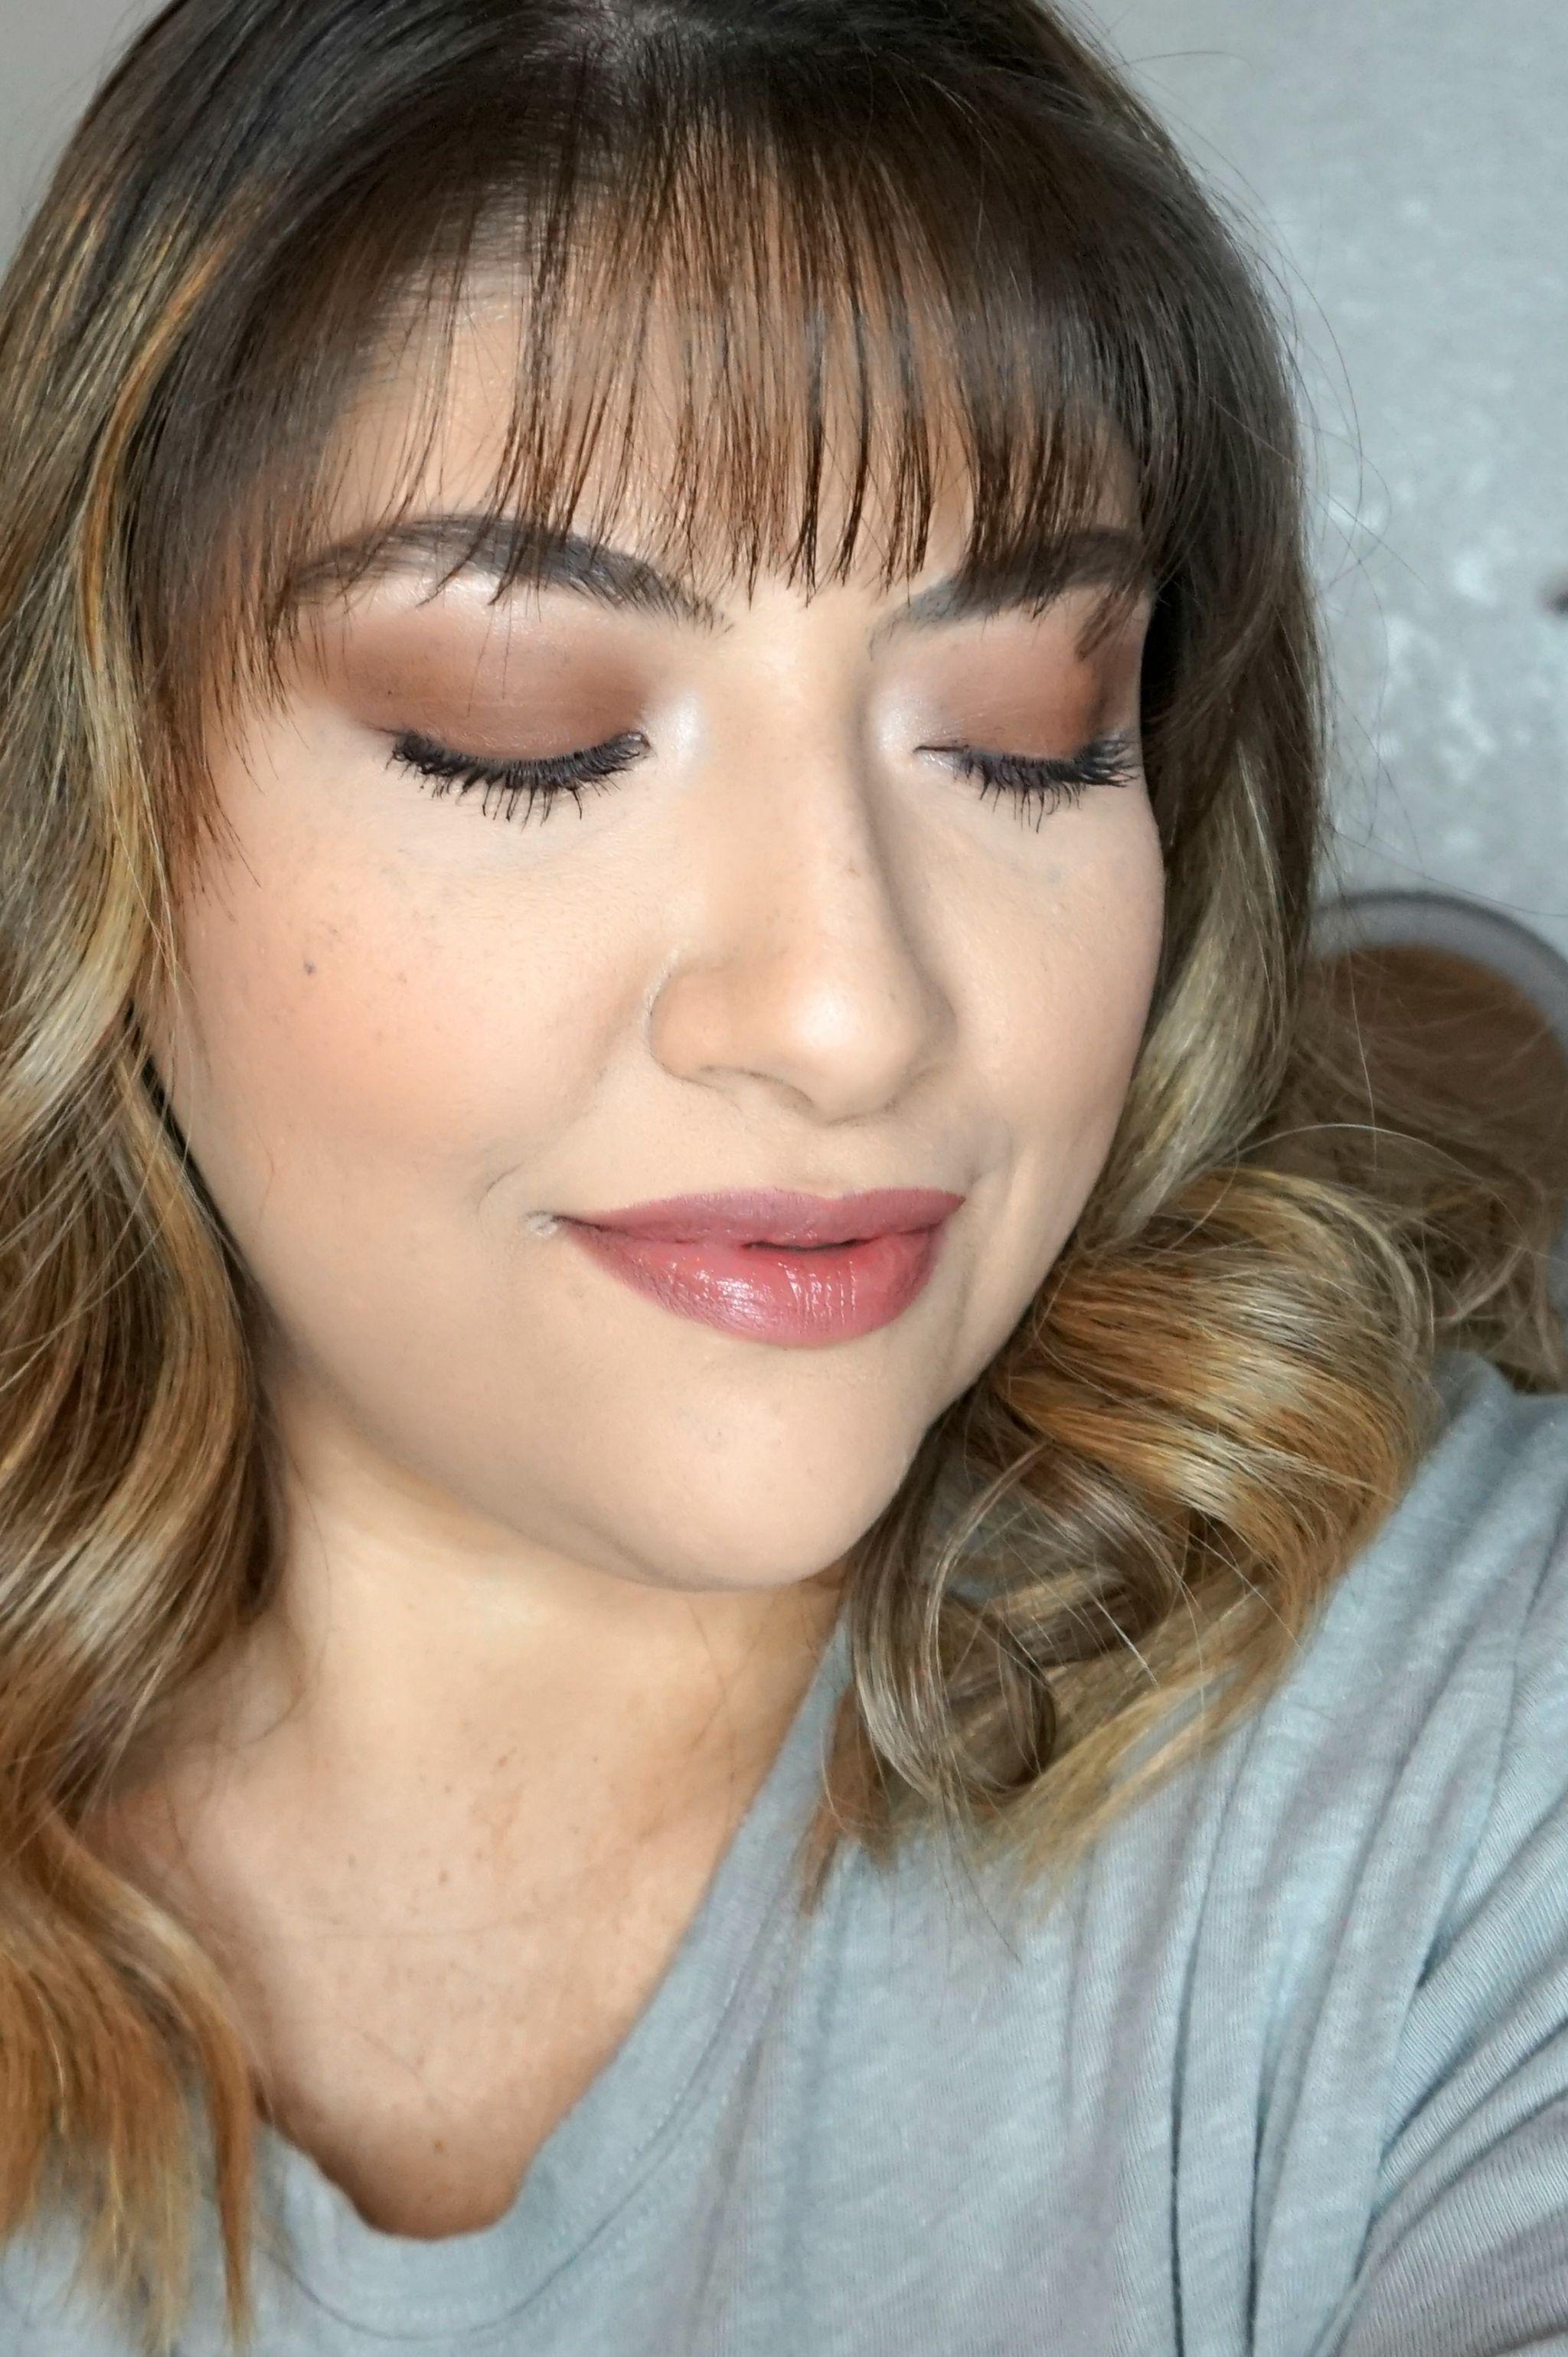 Mauve Makeup Look // Easy Makeup // Simple Mauve Makeup Look // Simple Makeup // Fall Makeup Looks | Beauty With Lily